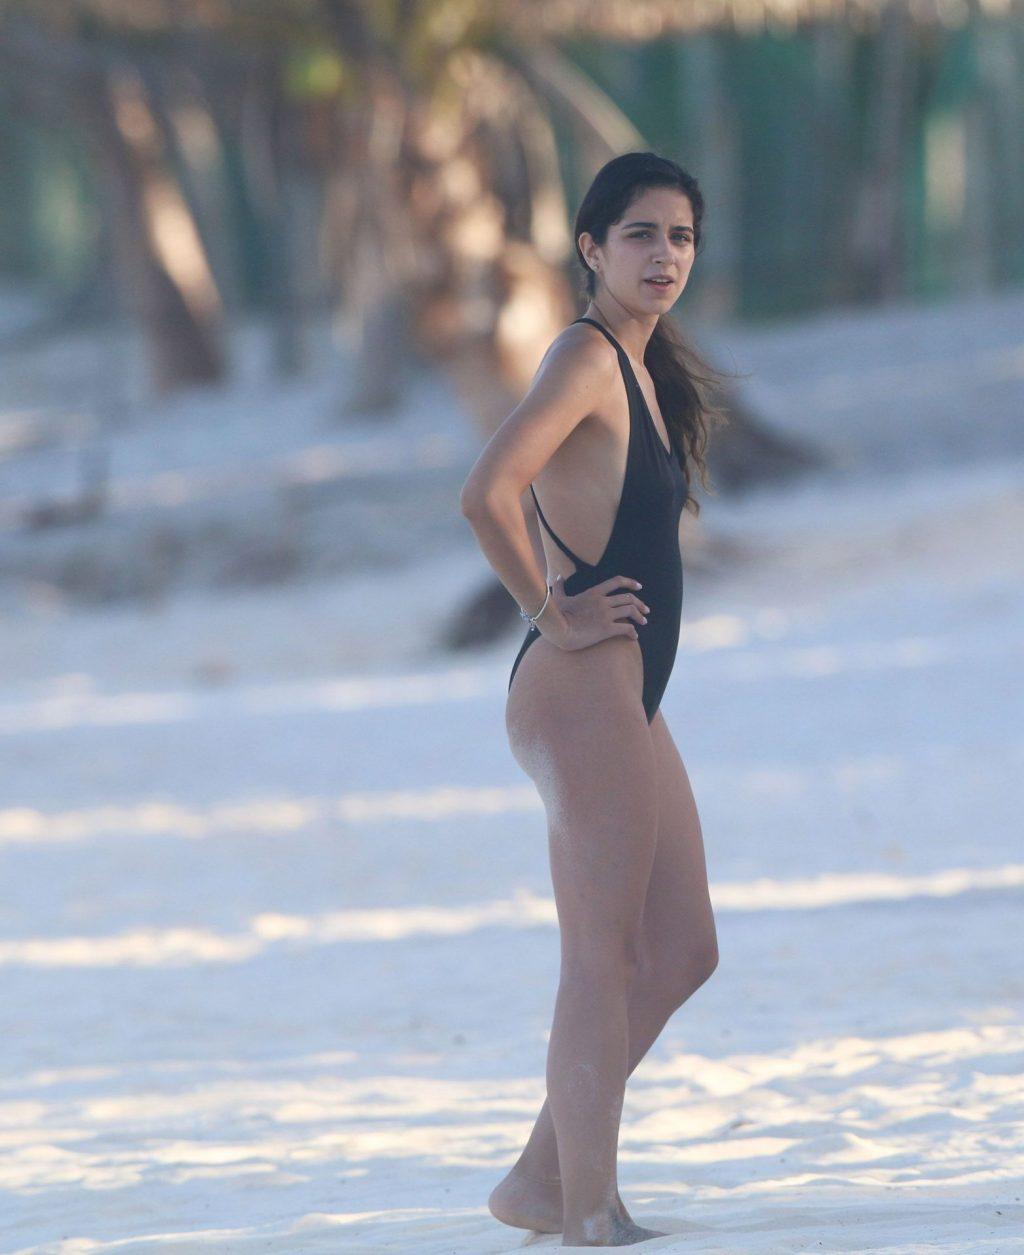 Sofia Toache Enjoys a Day on the Beaches of Tulum (8 Photos)